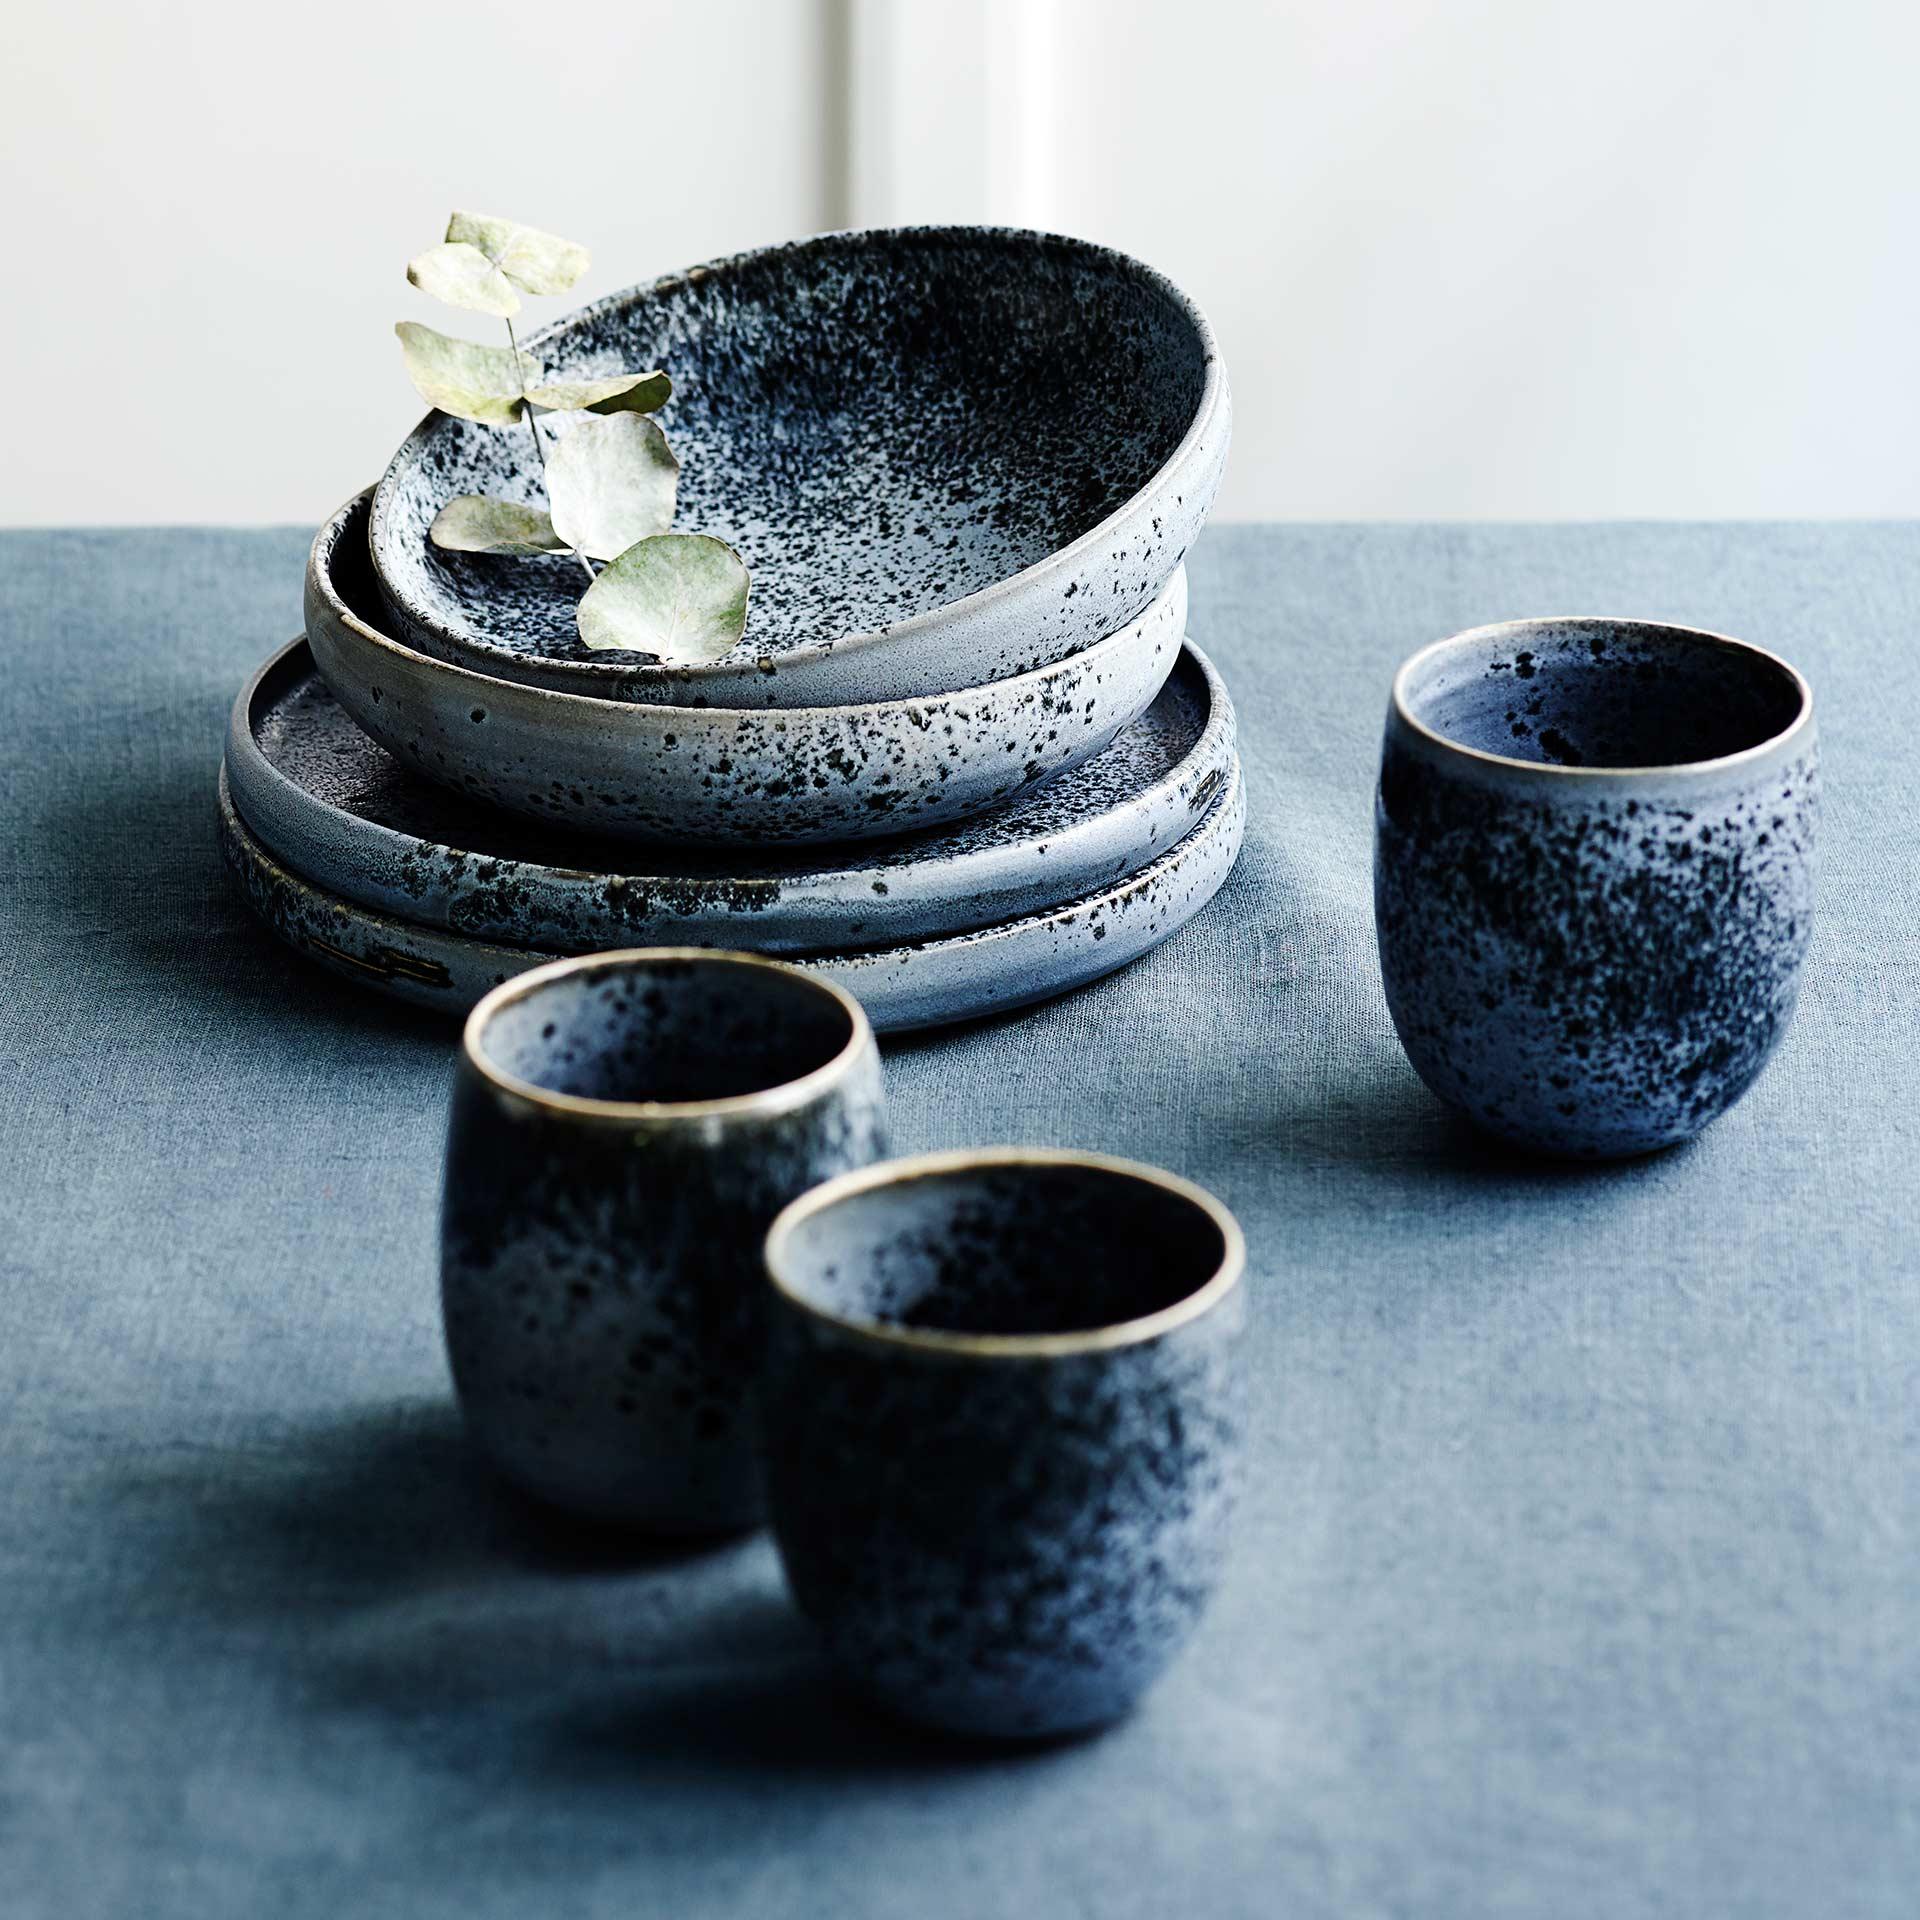 würtz keramik Video   KHWürtz würtz keramik